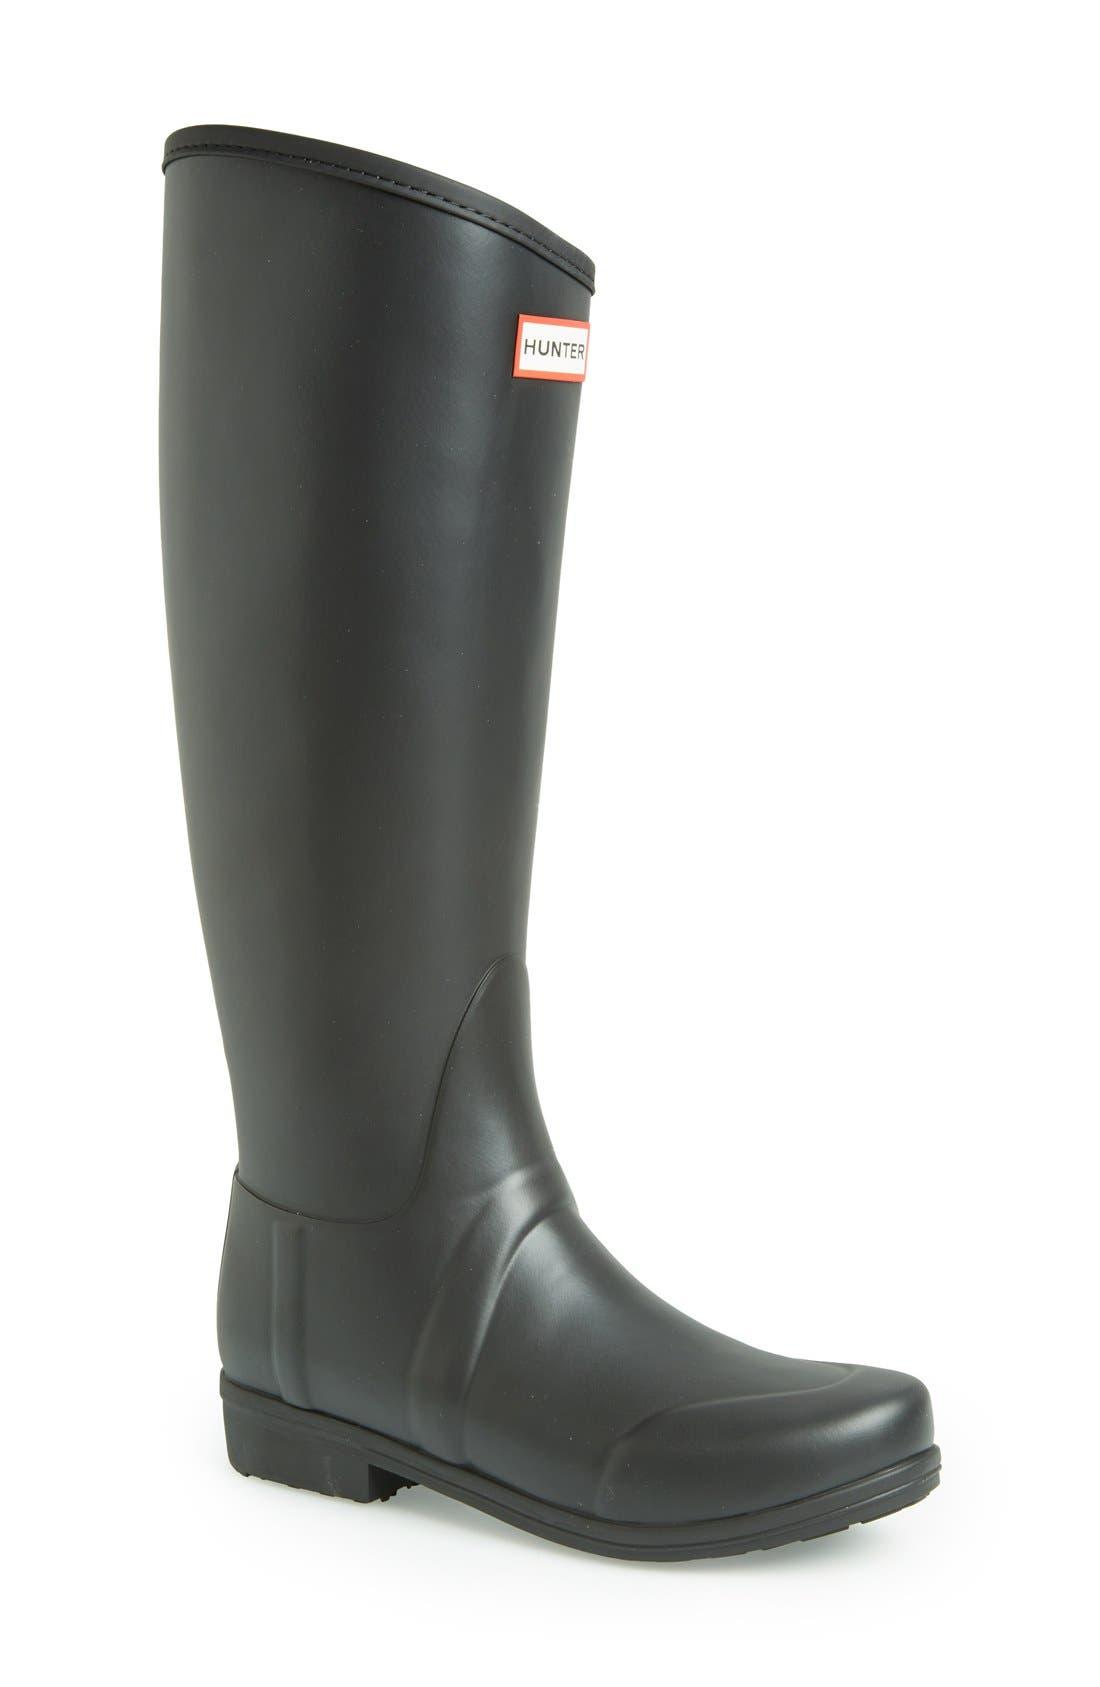 Alternate Image 1 Selected - Hunter 'Sandhurst' Tall Rain Boot (Women)